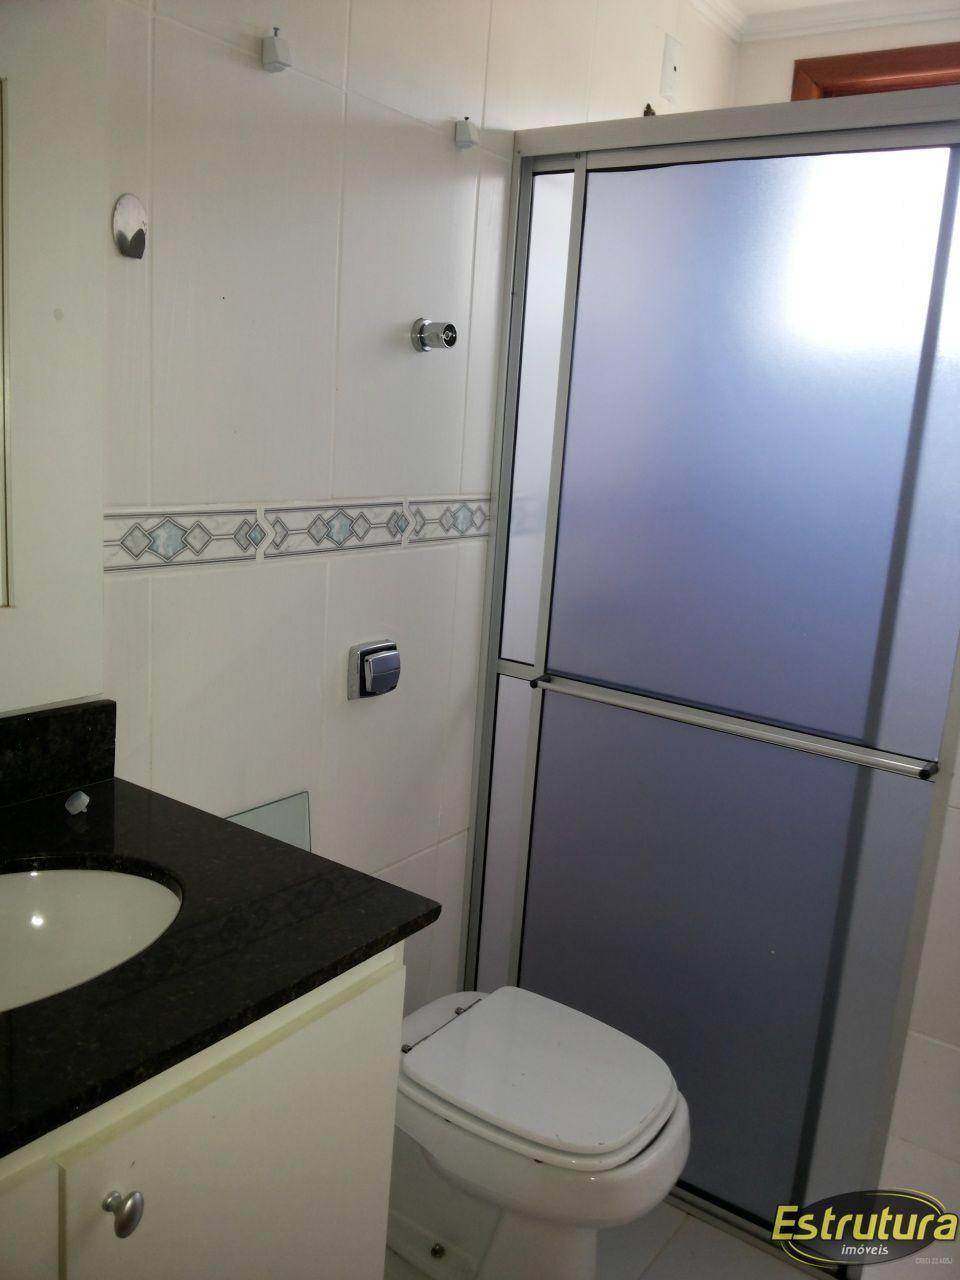 Apartamento com 3 Dormitórios à venda, 145 m² por R$ 550.000,00